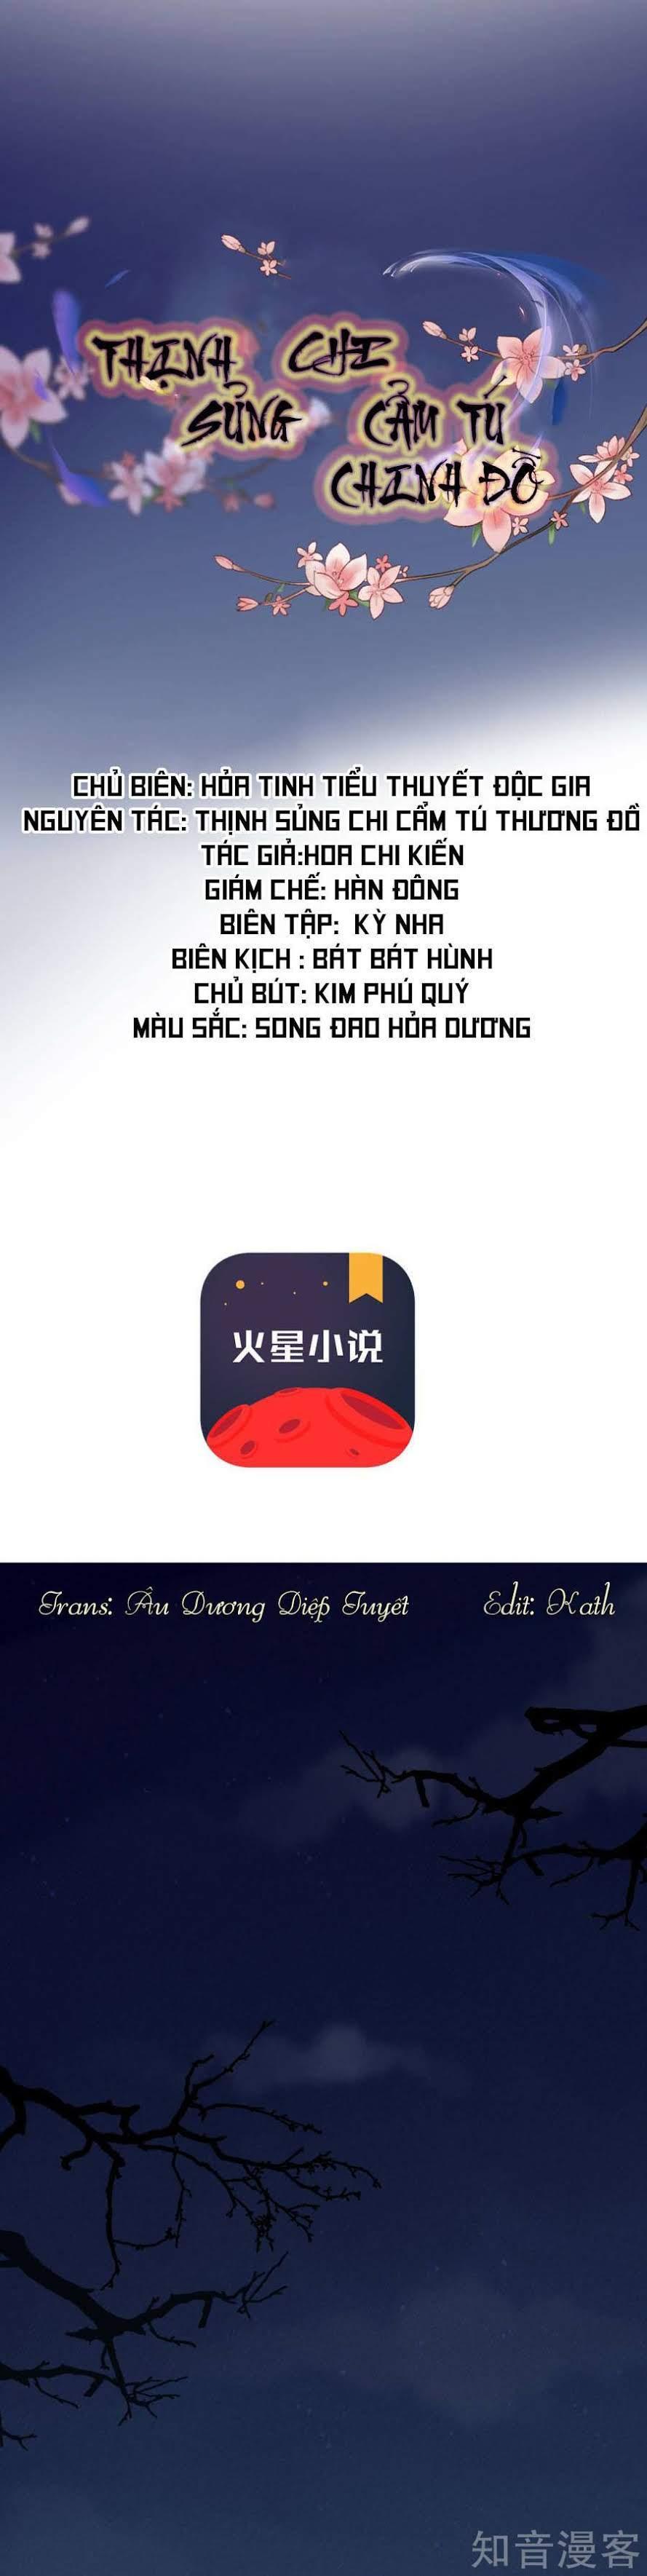 Thịnh Sủng Chi Cẩm Tú Chinh Đồ – Chap 1